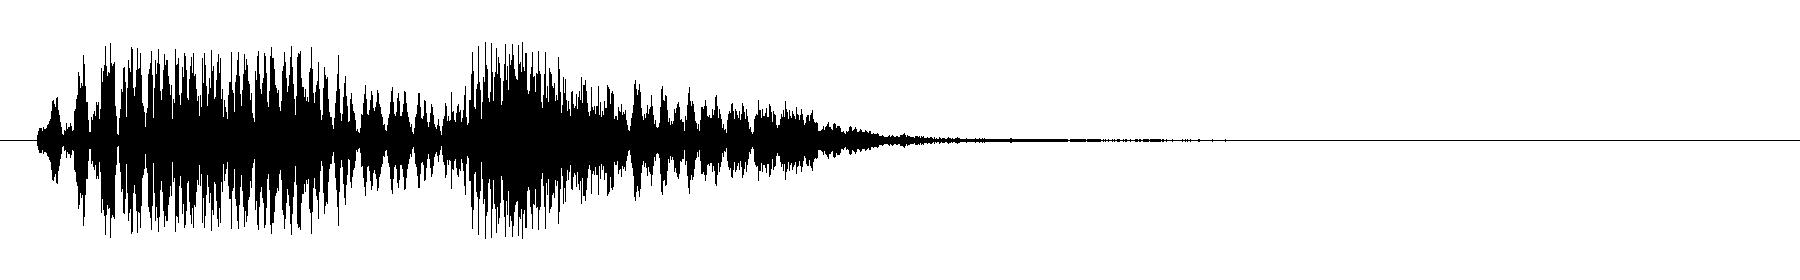 vocoder 1   rhythm